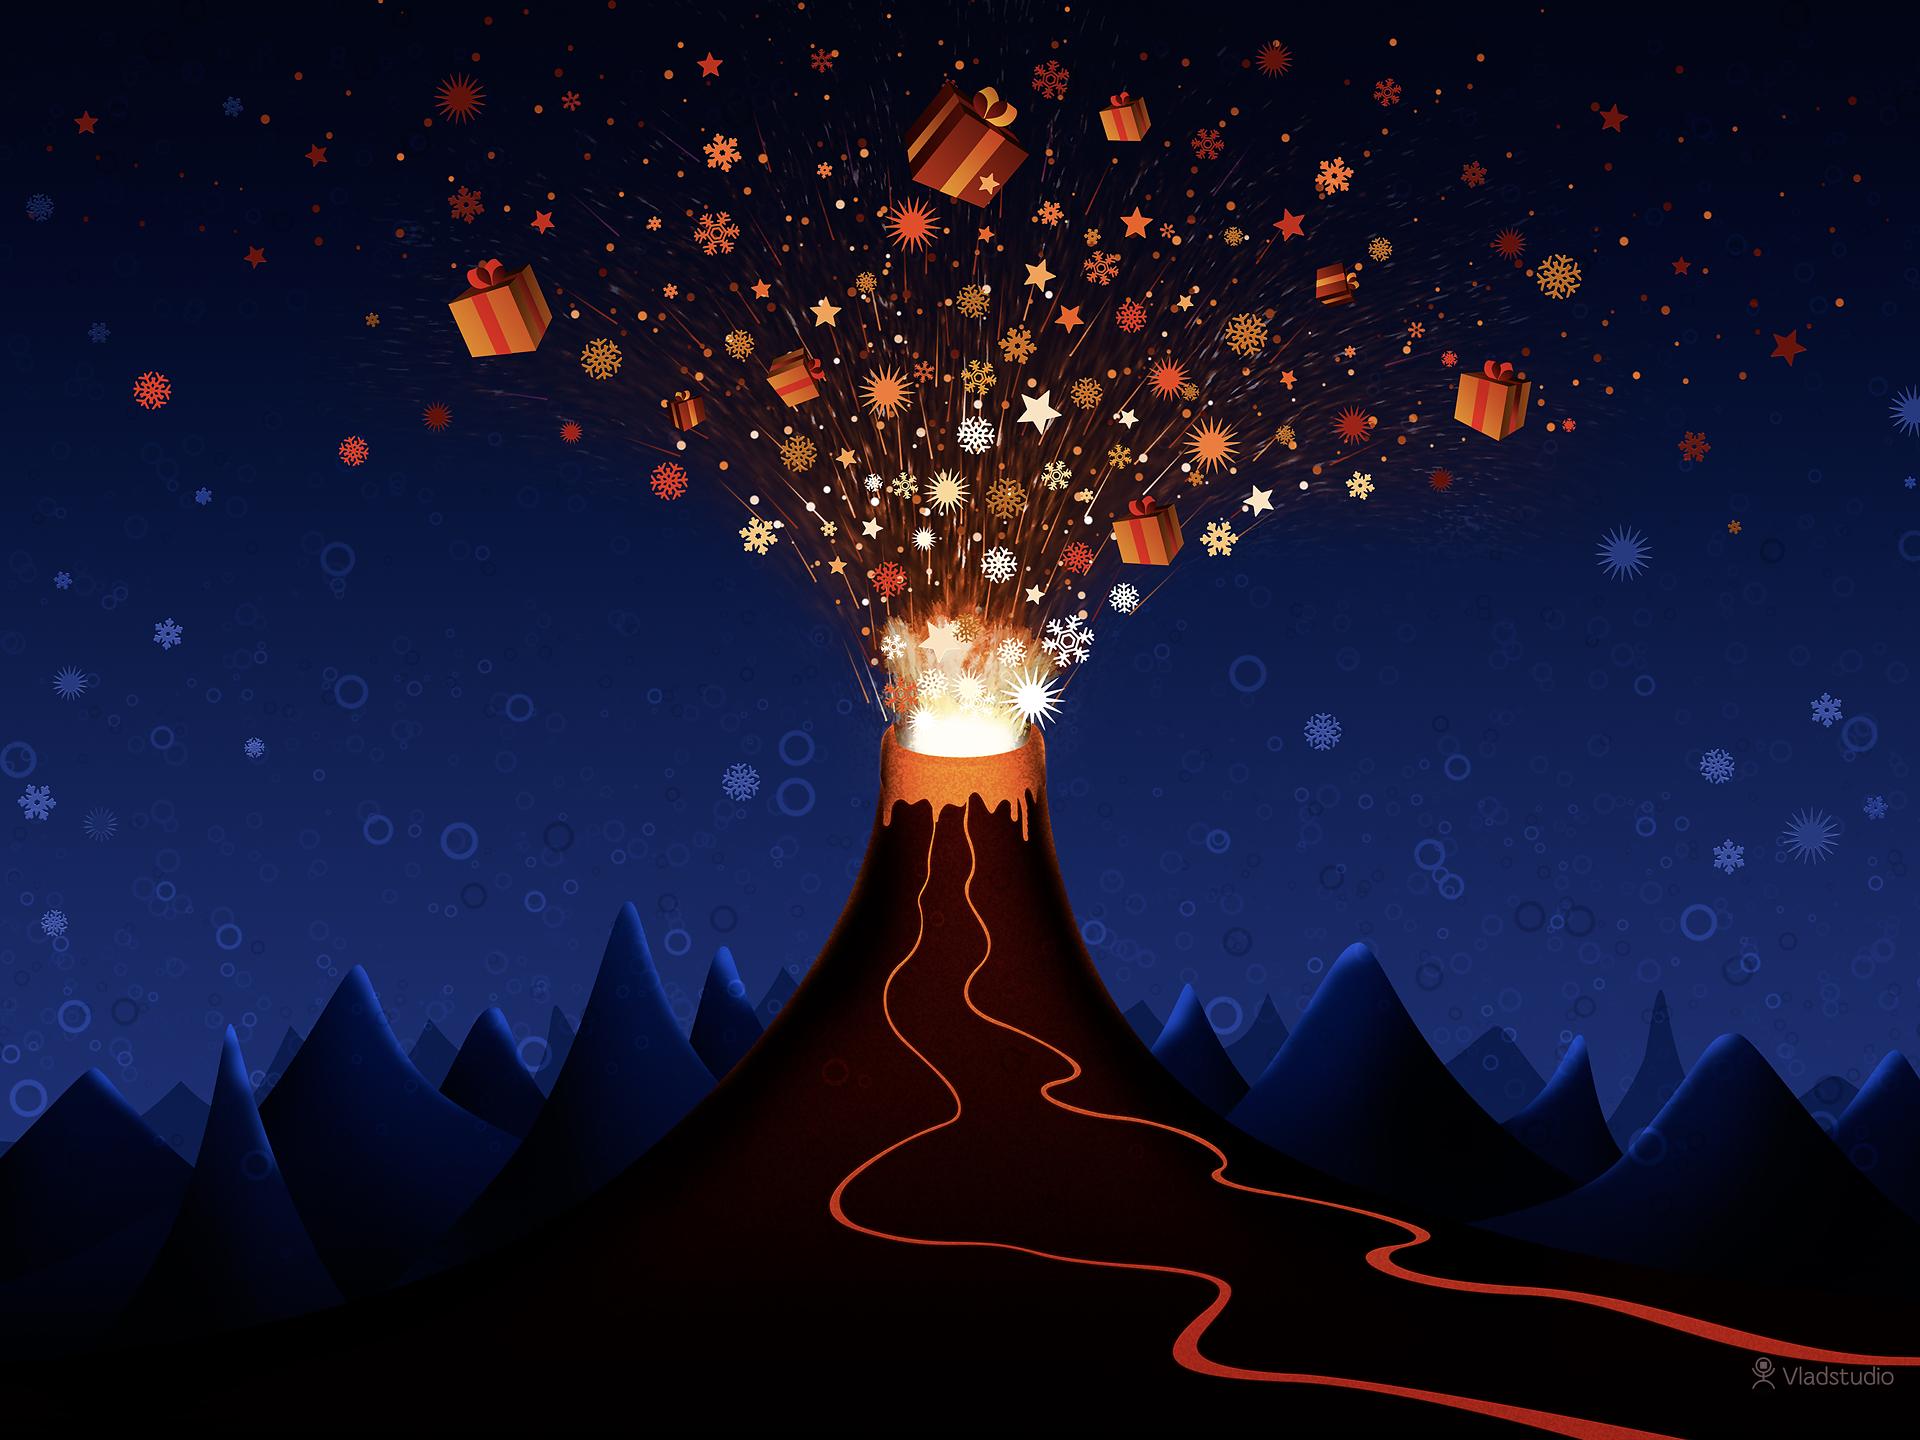 Weihnachten Nacht Sterne